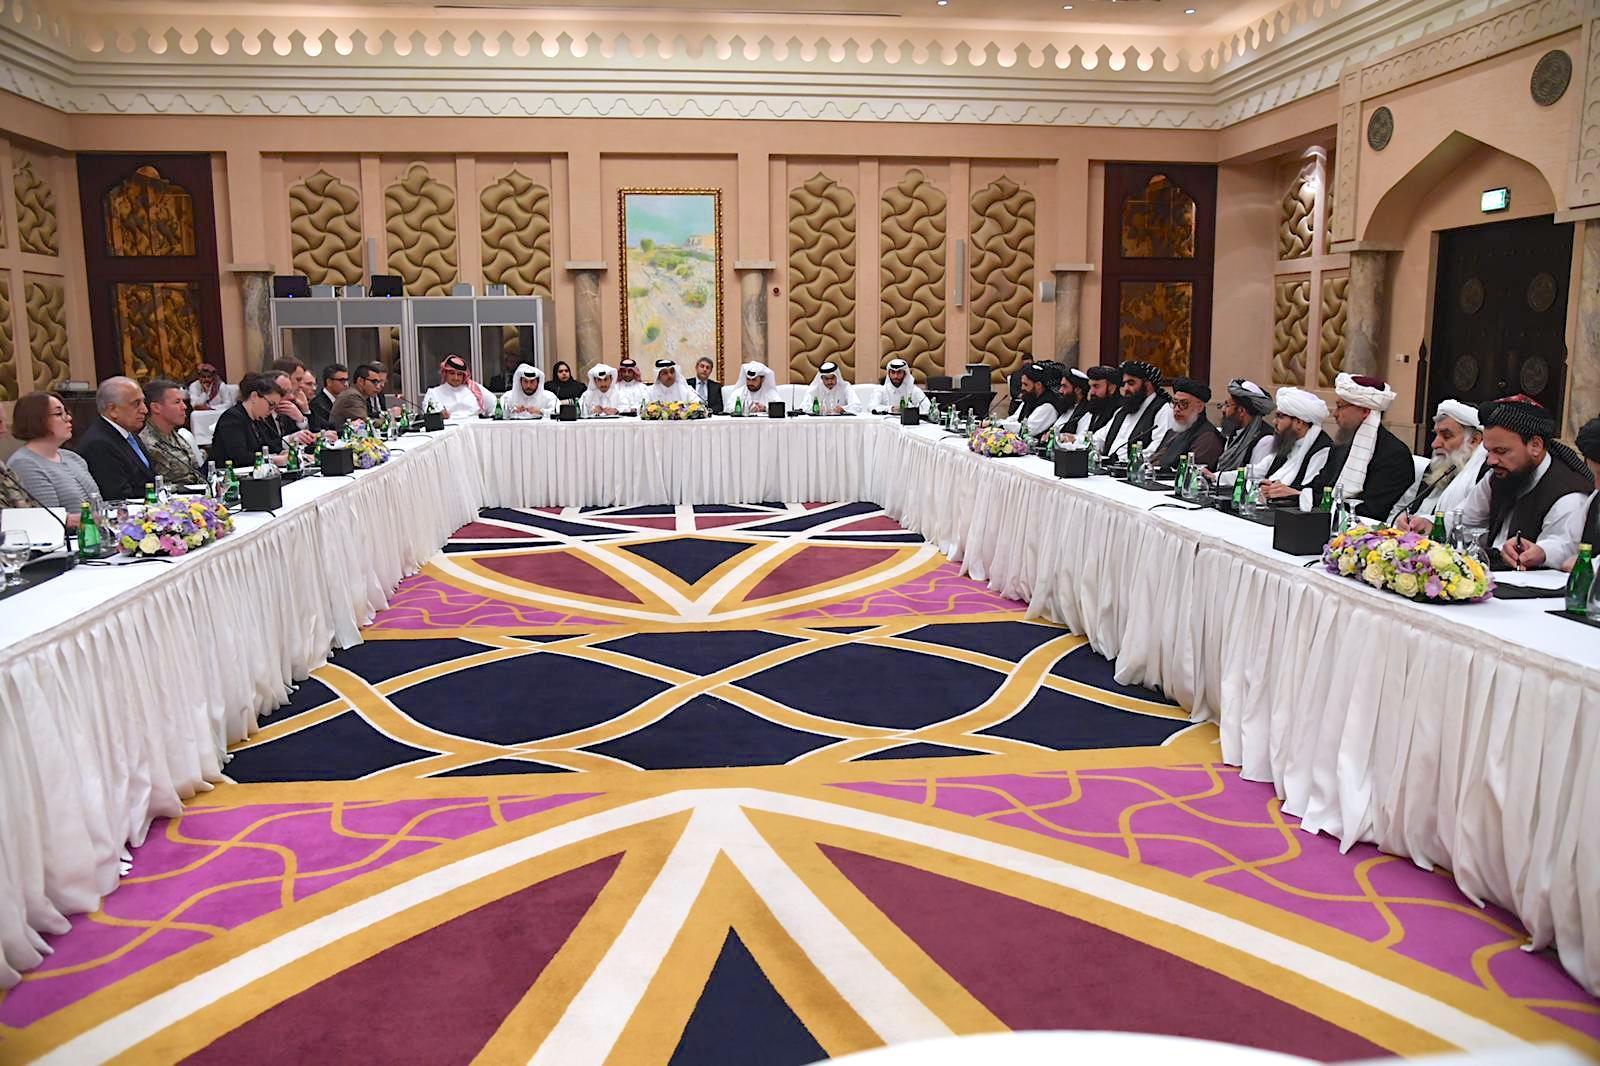 استقبال حکومت افغانستان از «گام های واقعی» مذاکرات ایالات متحده و طالبان